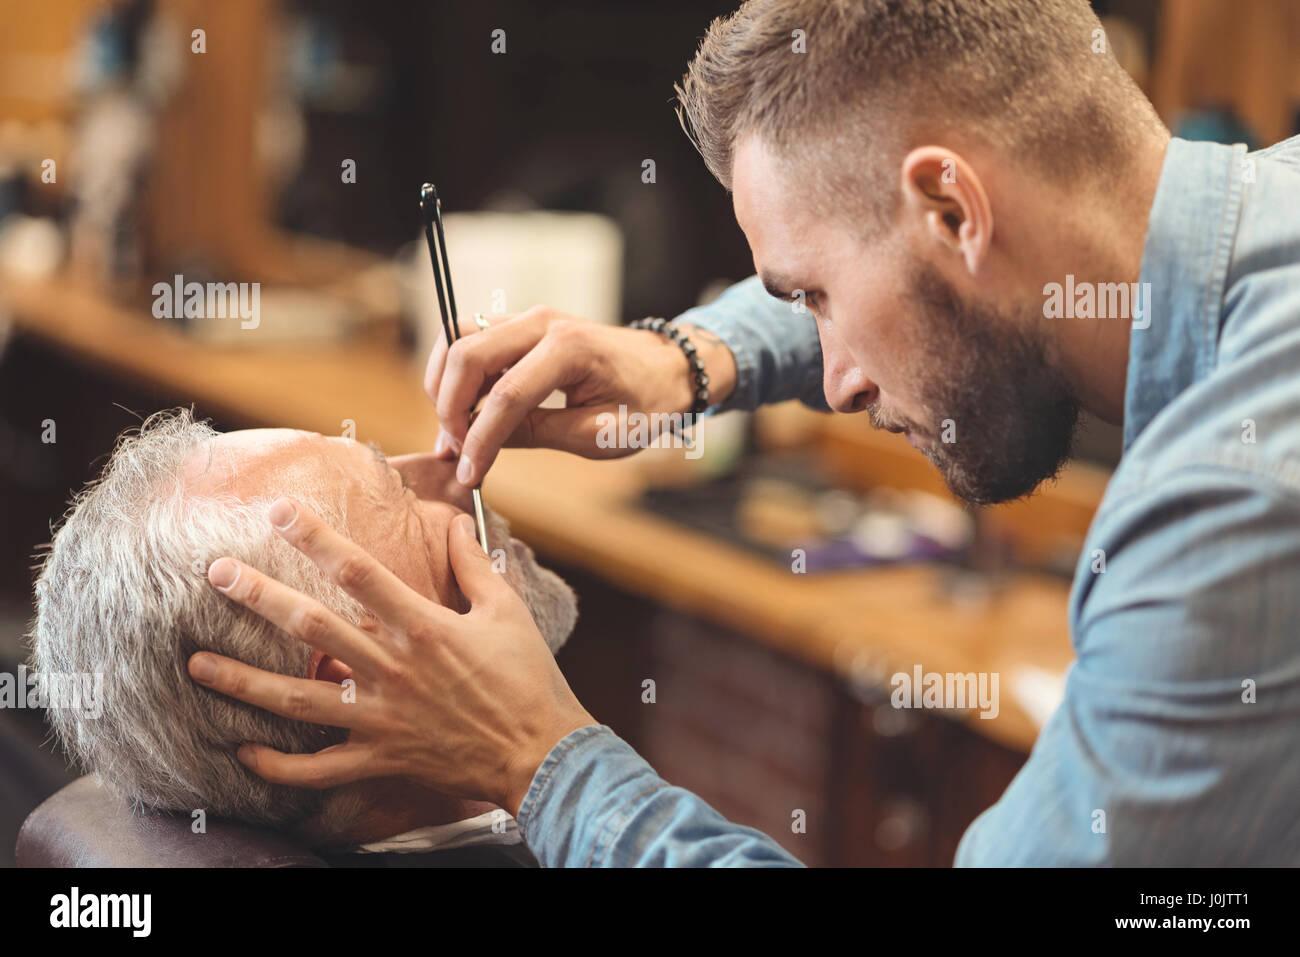 Junge Meister rasieren Bart des Clients im Frisörsalon Stockbild